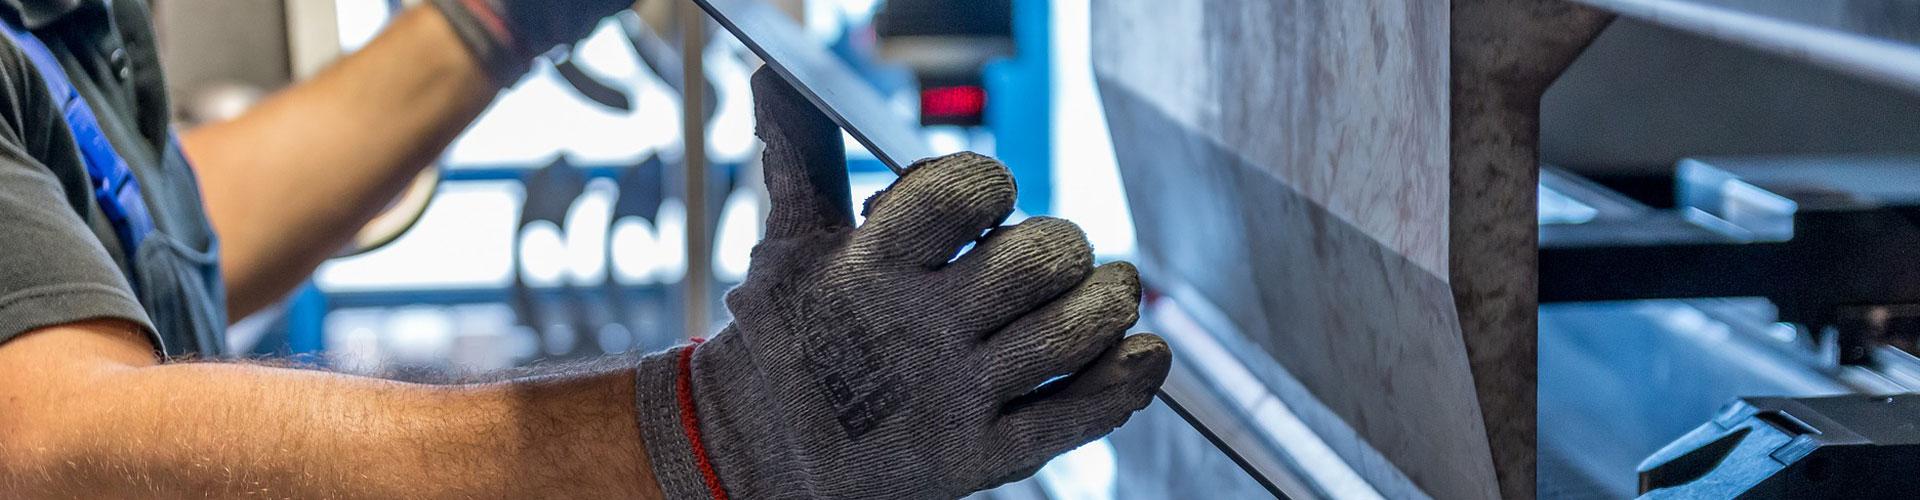 Leistungen bei Metallbau Wölfle: Edelstahlverarbeitung